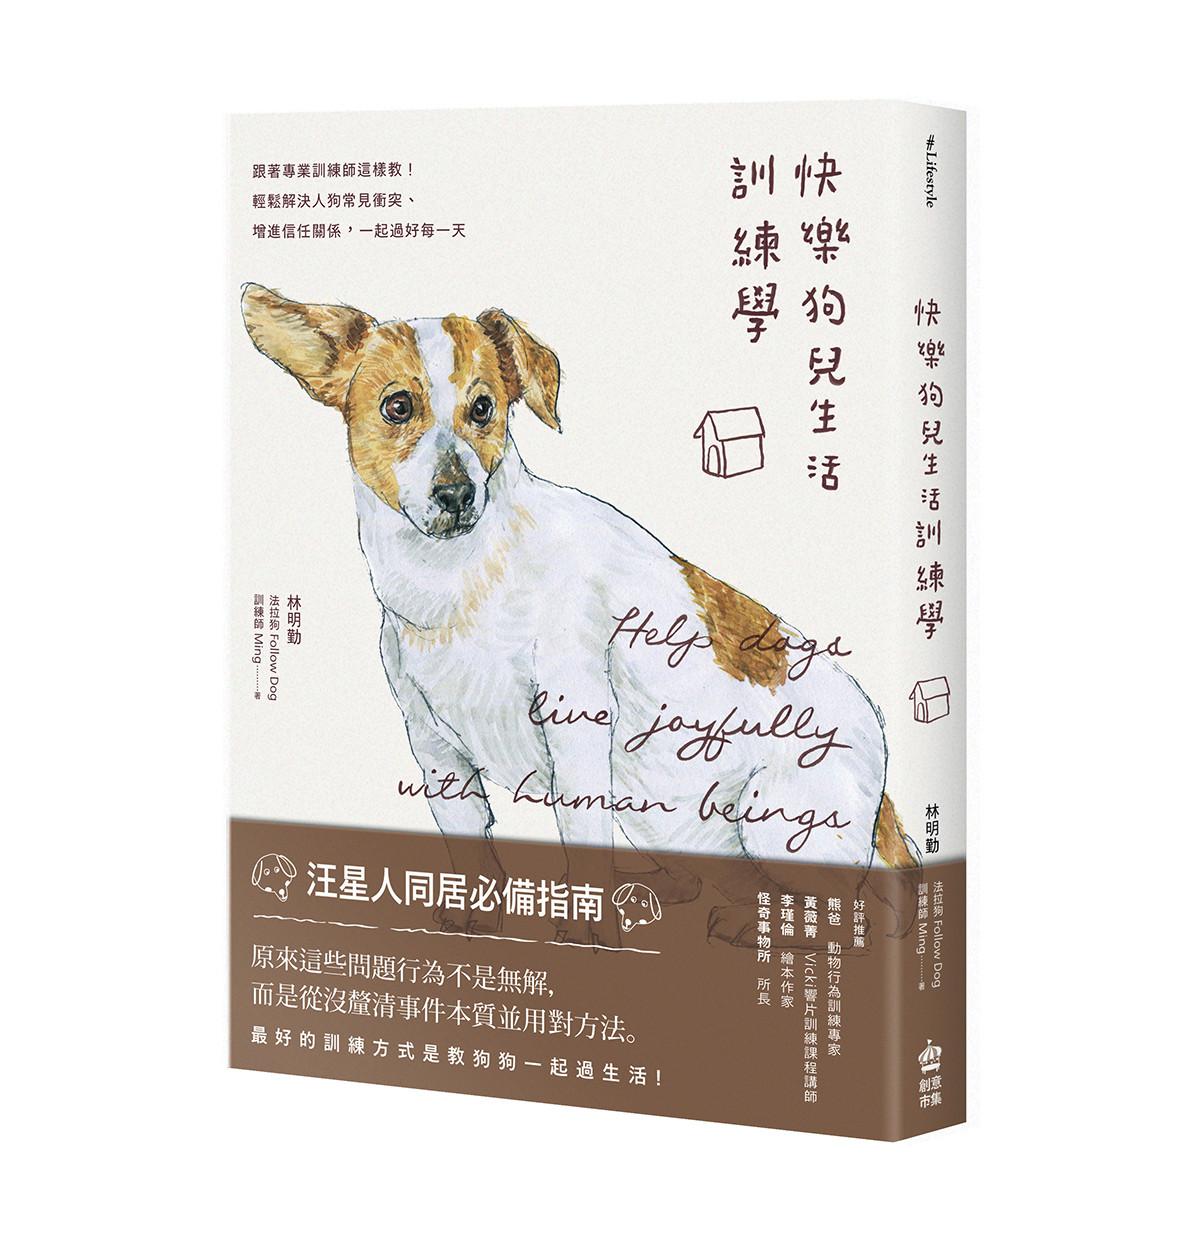 ▲▼創意市集《快樂狗兒生活訓練學》書封。(圖/PCuSER電腦人文化提供)